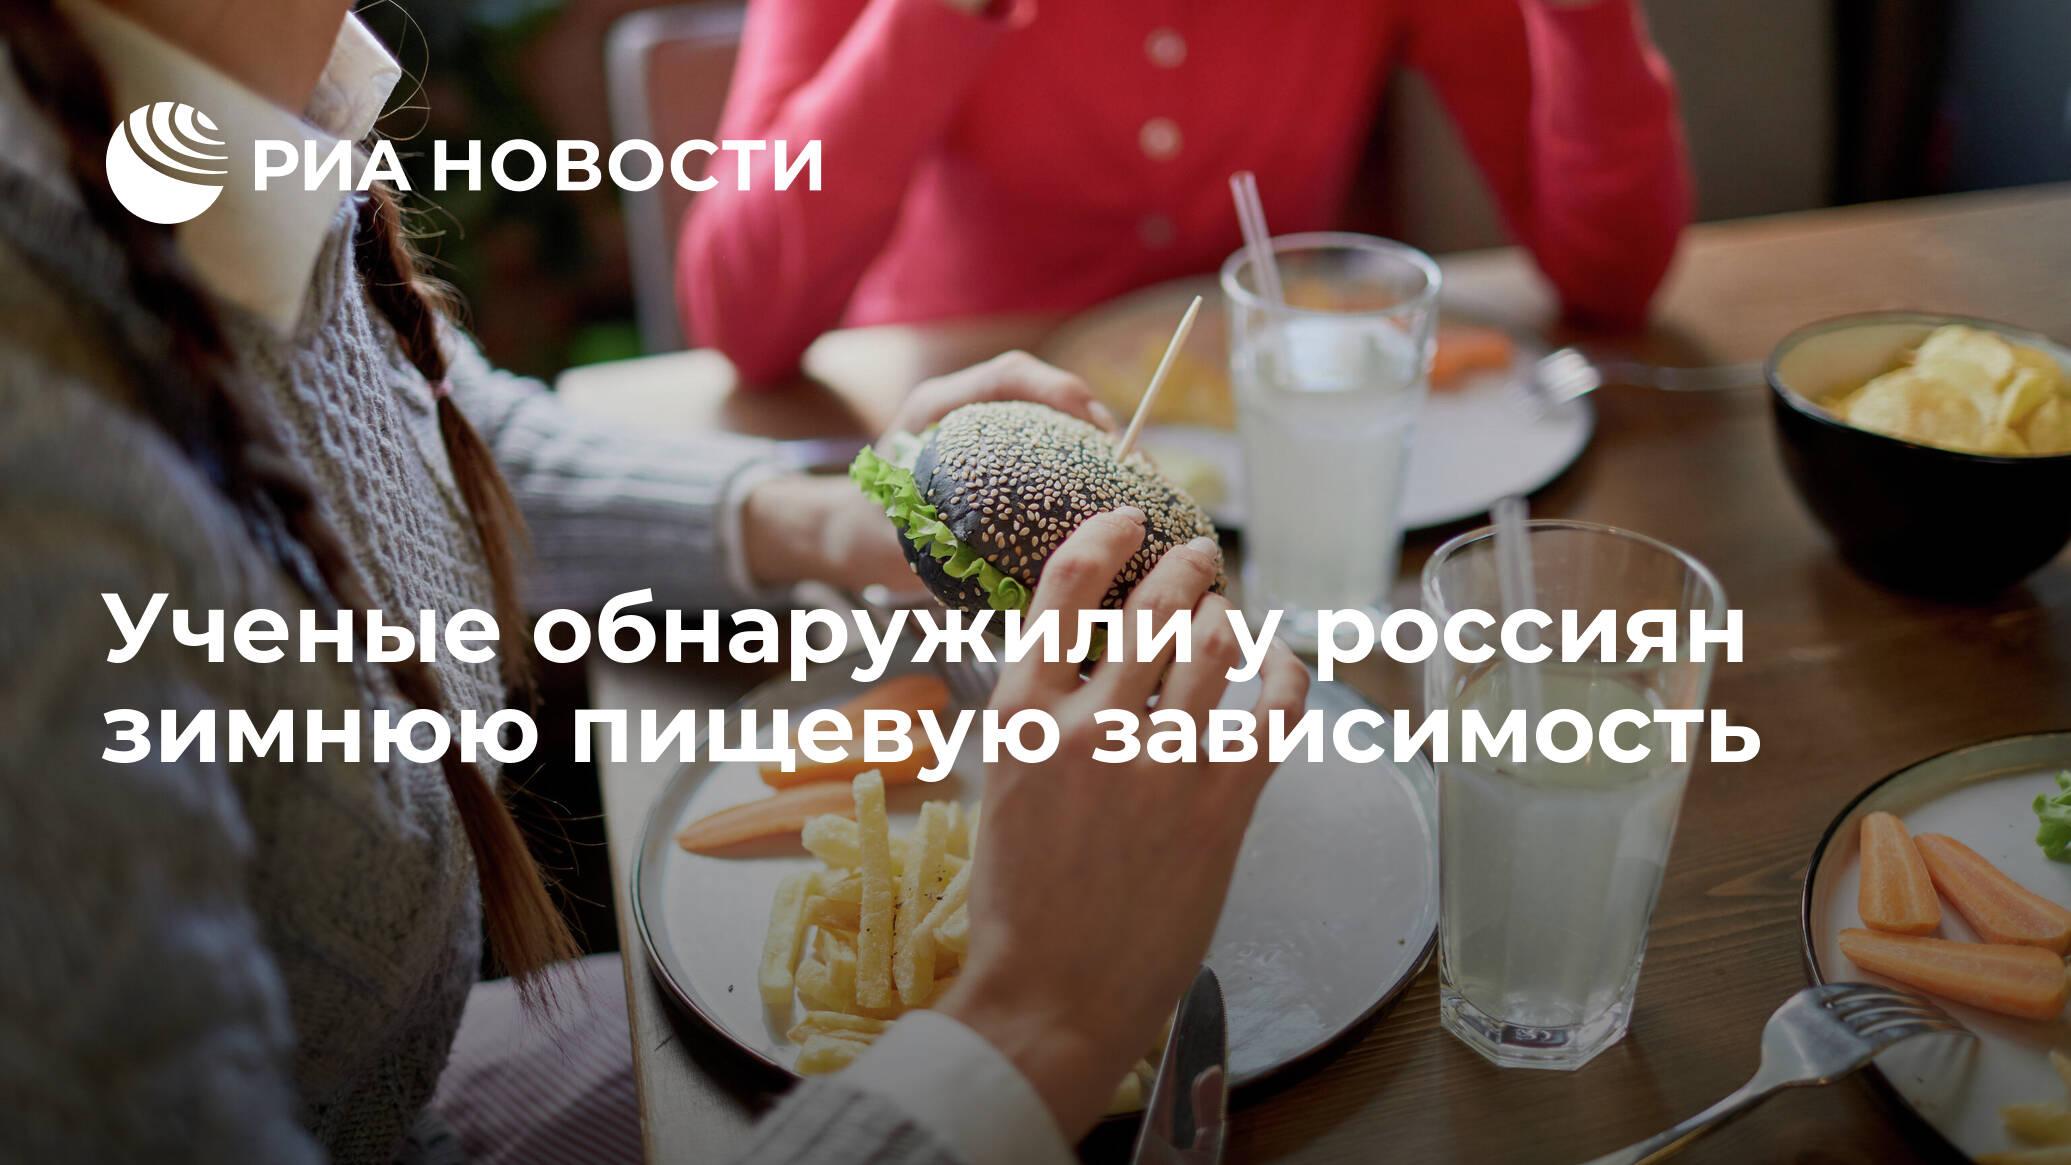 Ученые обнаружили у россиян зимнюю пищевую зависимость